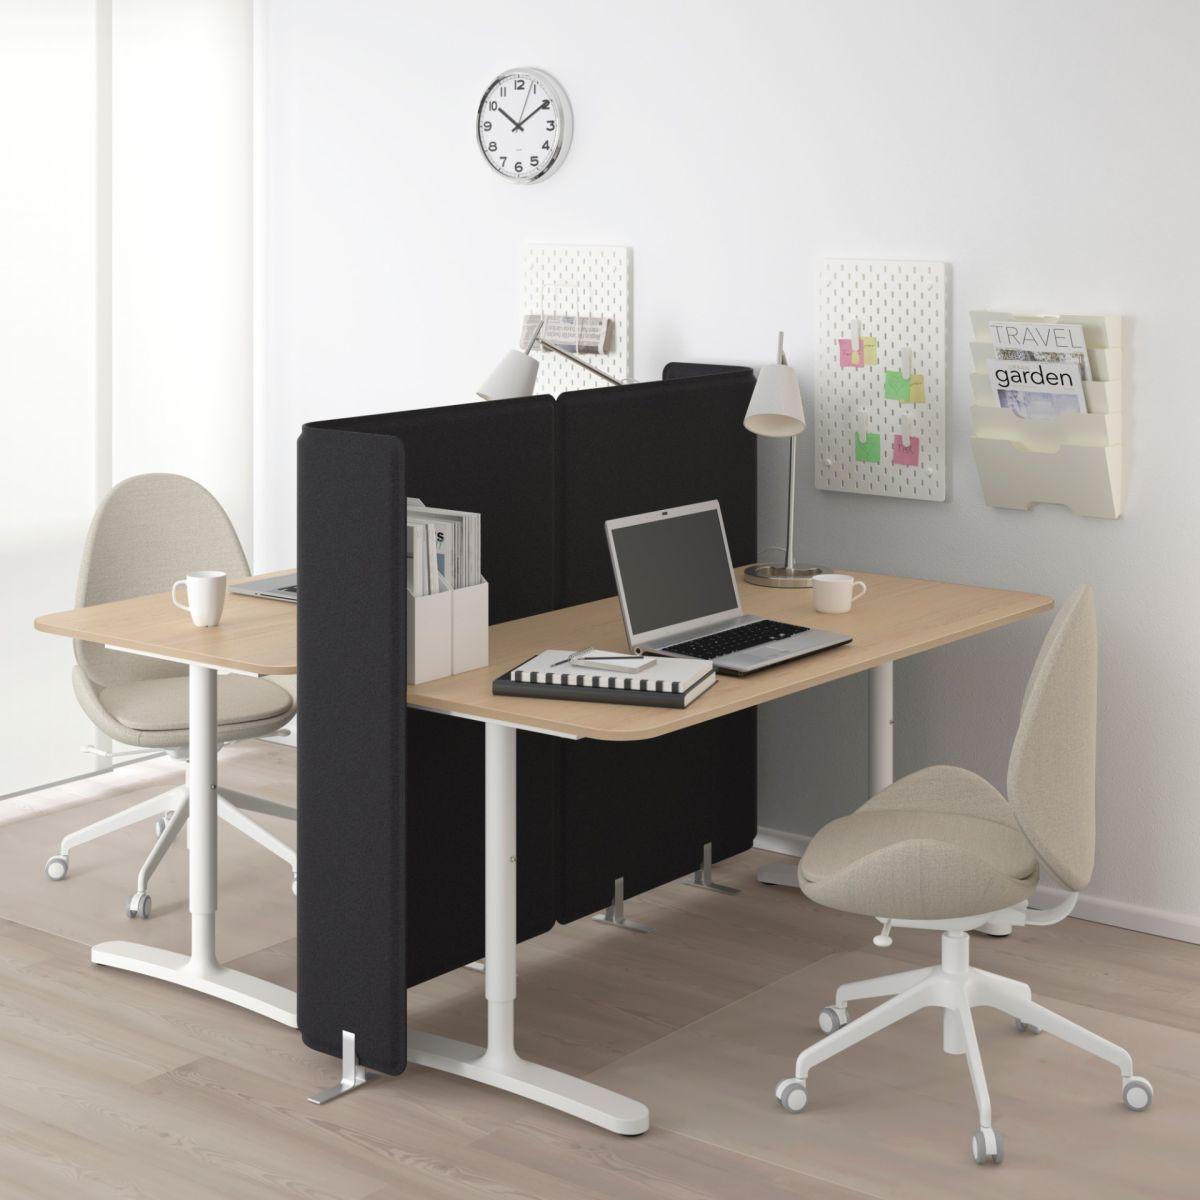 Crea ambientes distintos con los 5 separadores de interiores de menos de $200 de Ikea